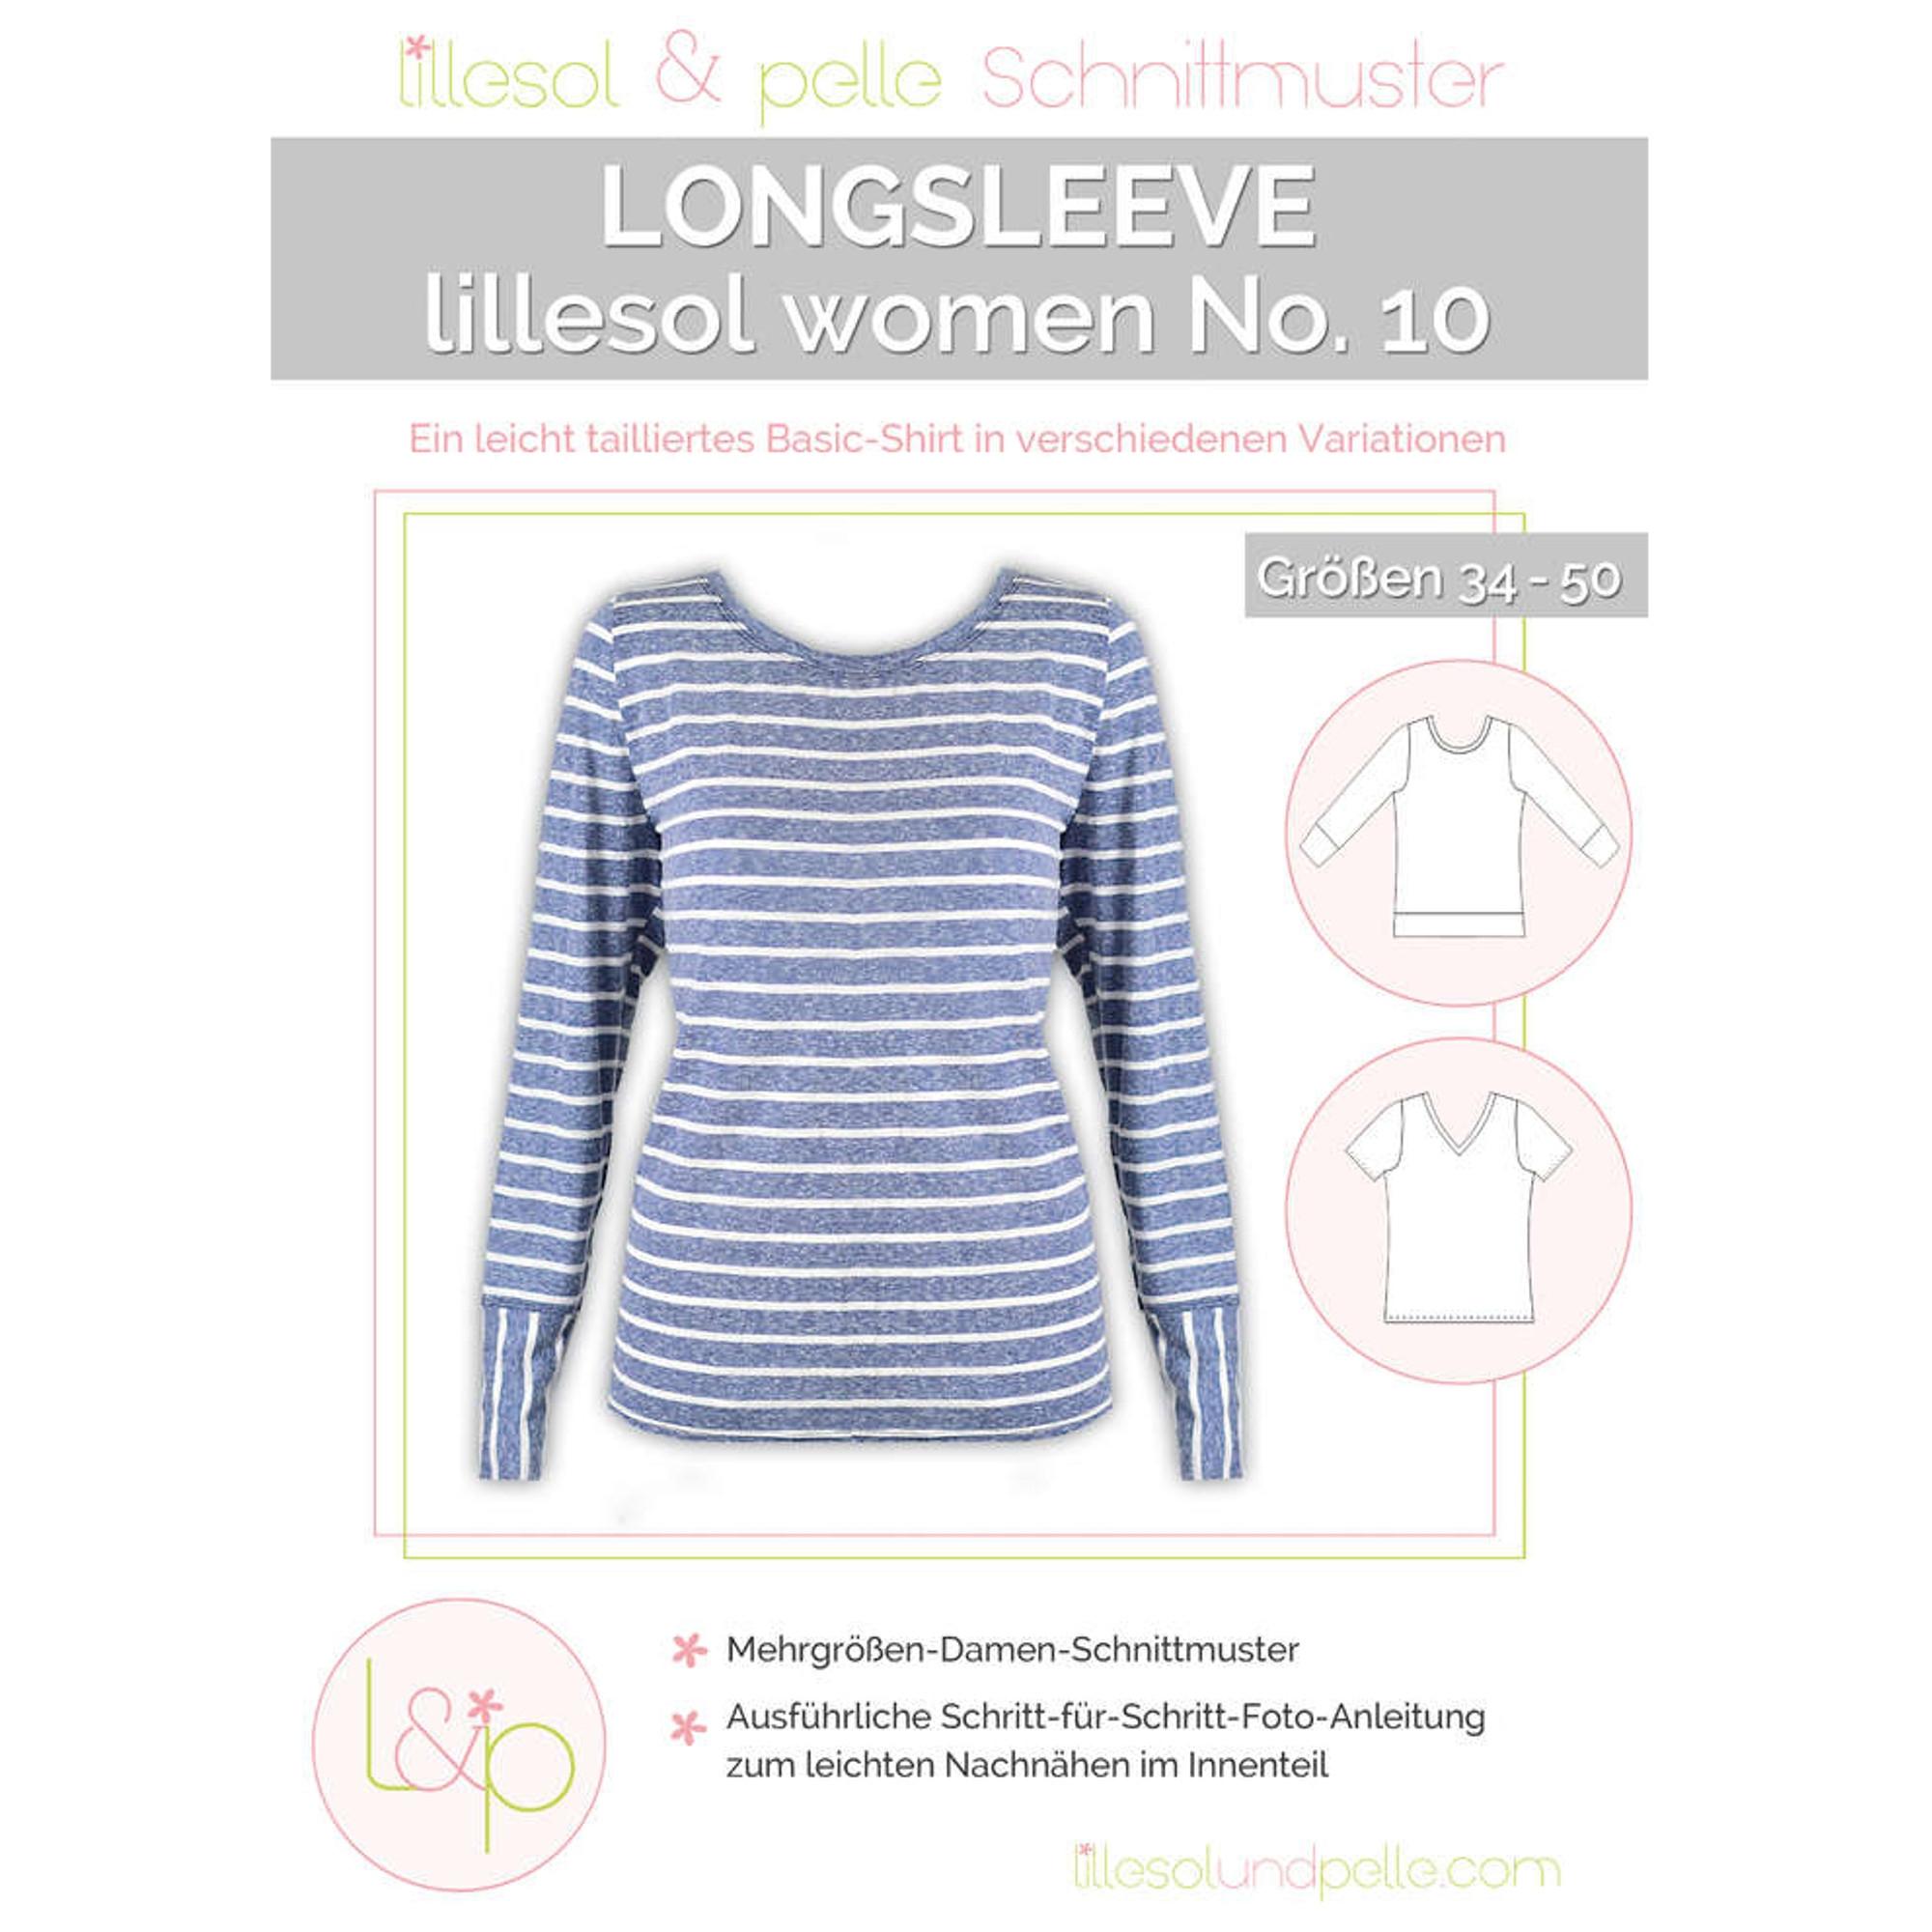 Lillesol Women No. 10 Longsleeve Papierschnittm...